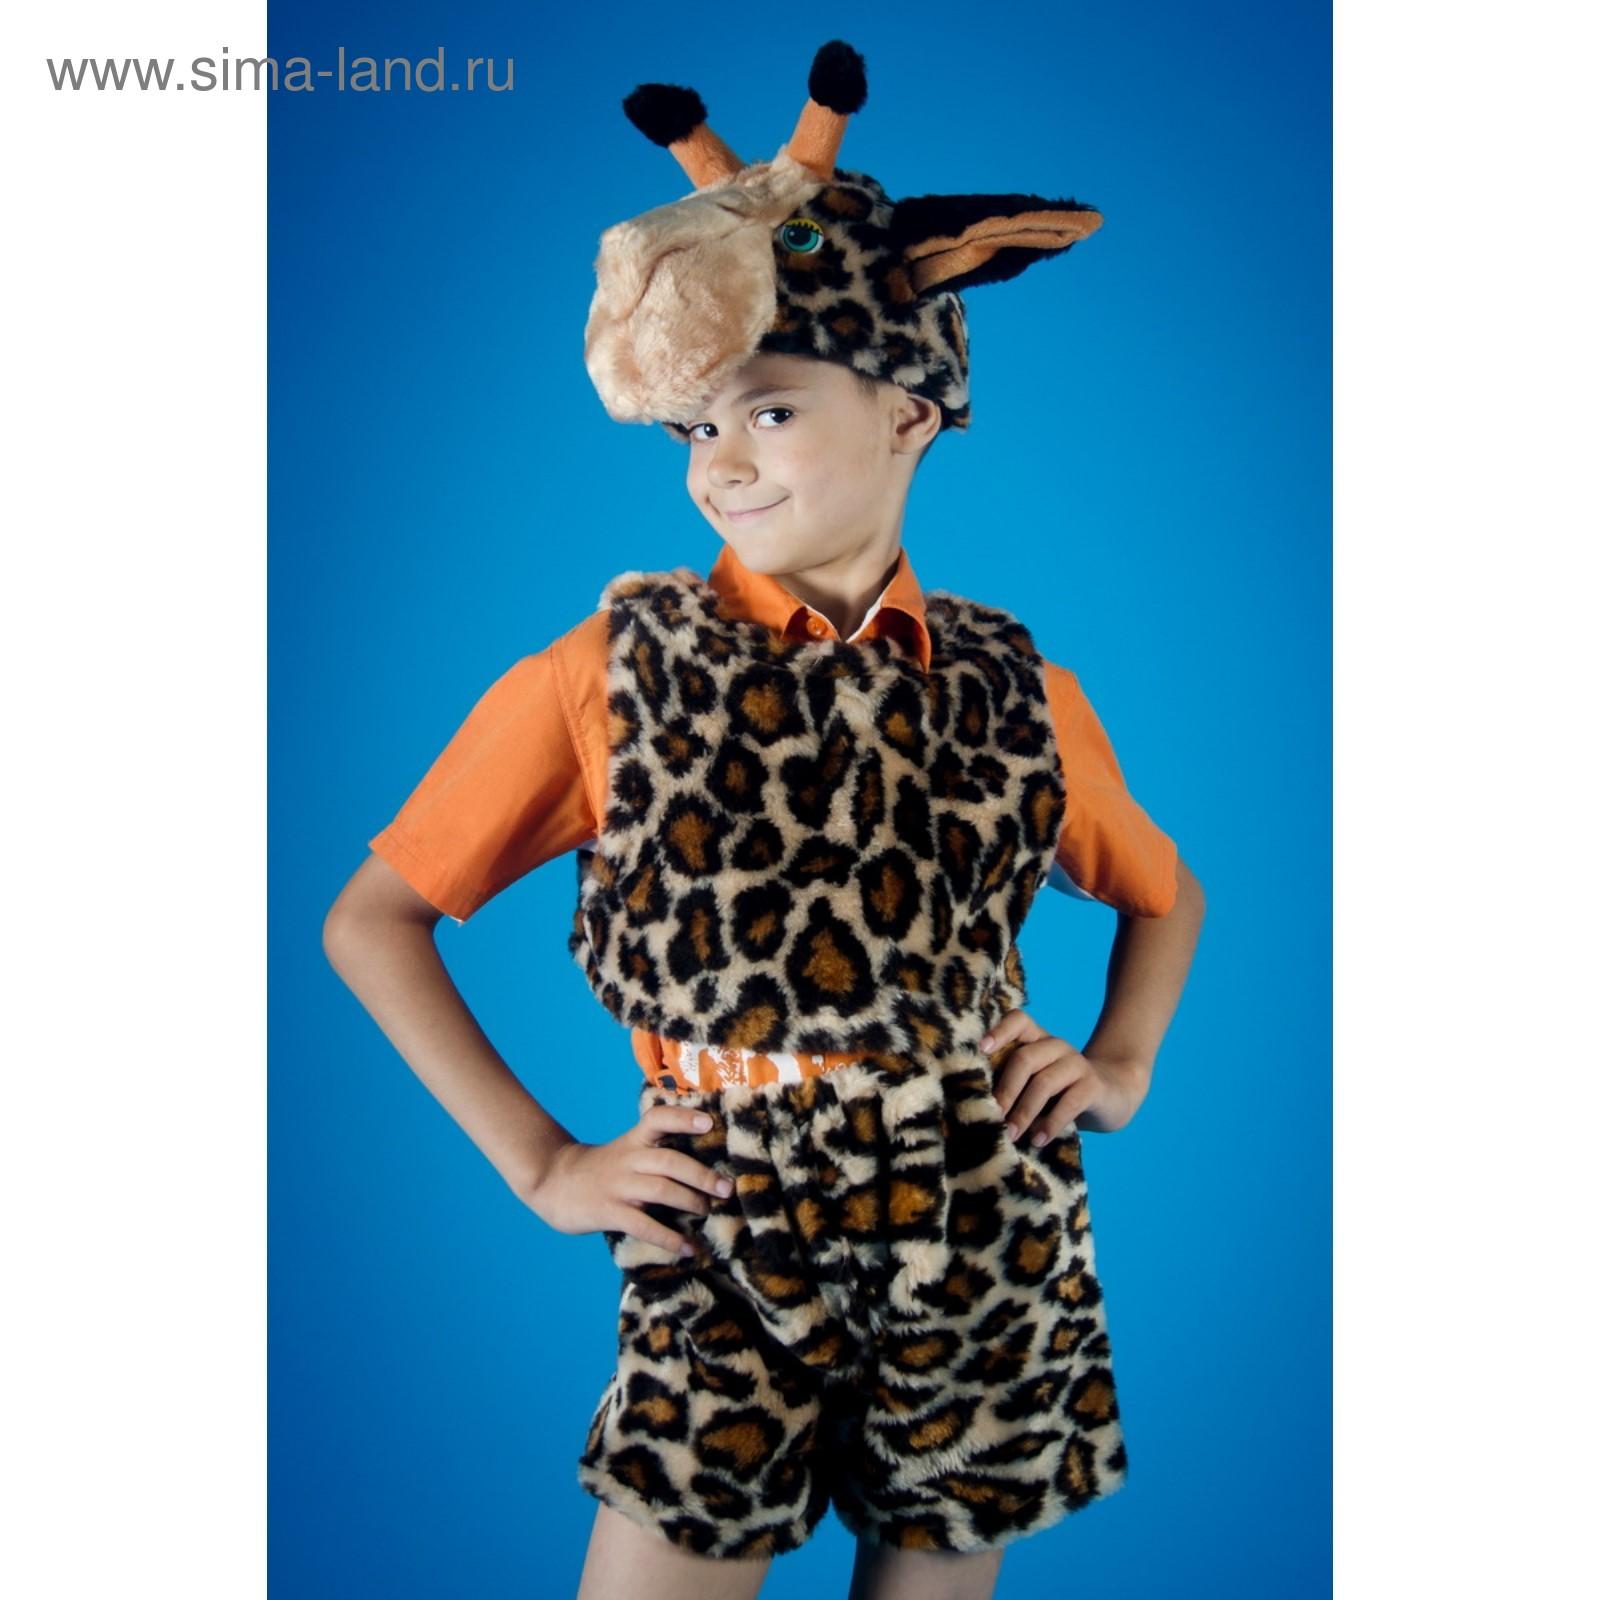 Карнавальный костюм «Жираф» 635c3bb4de399